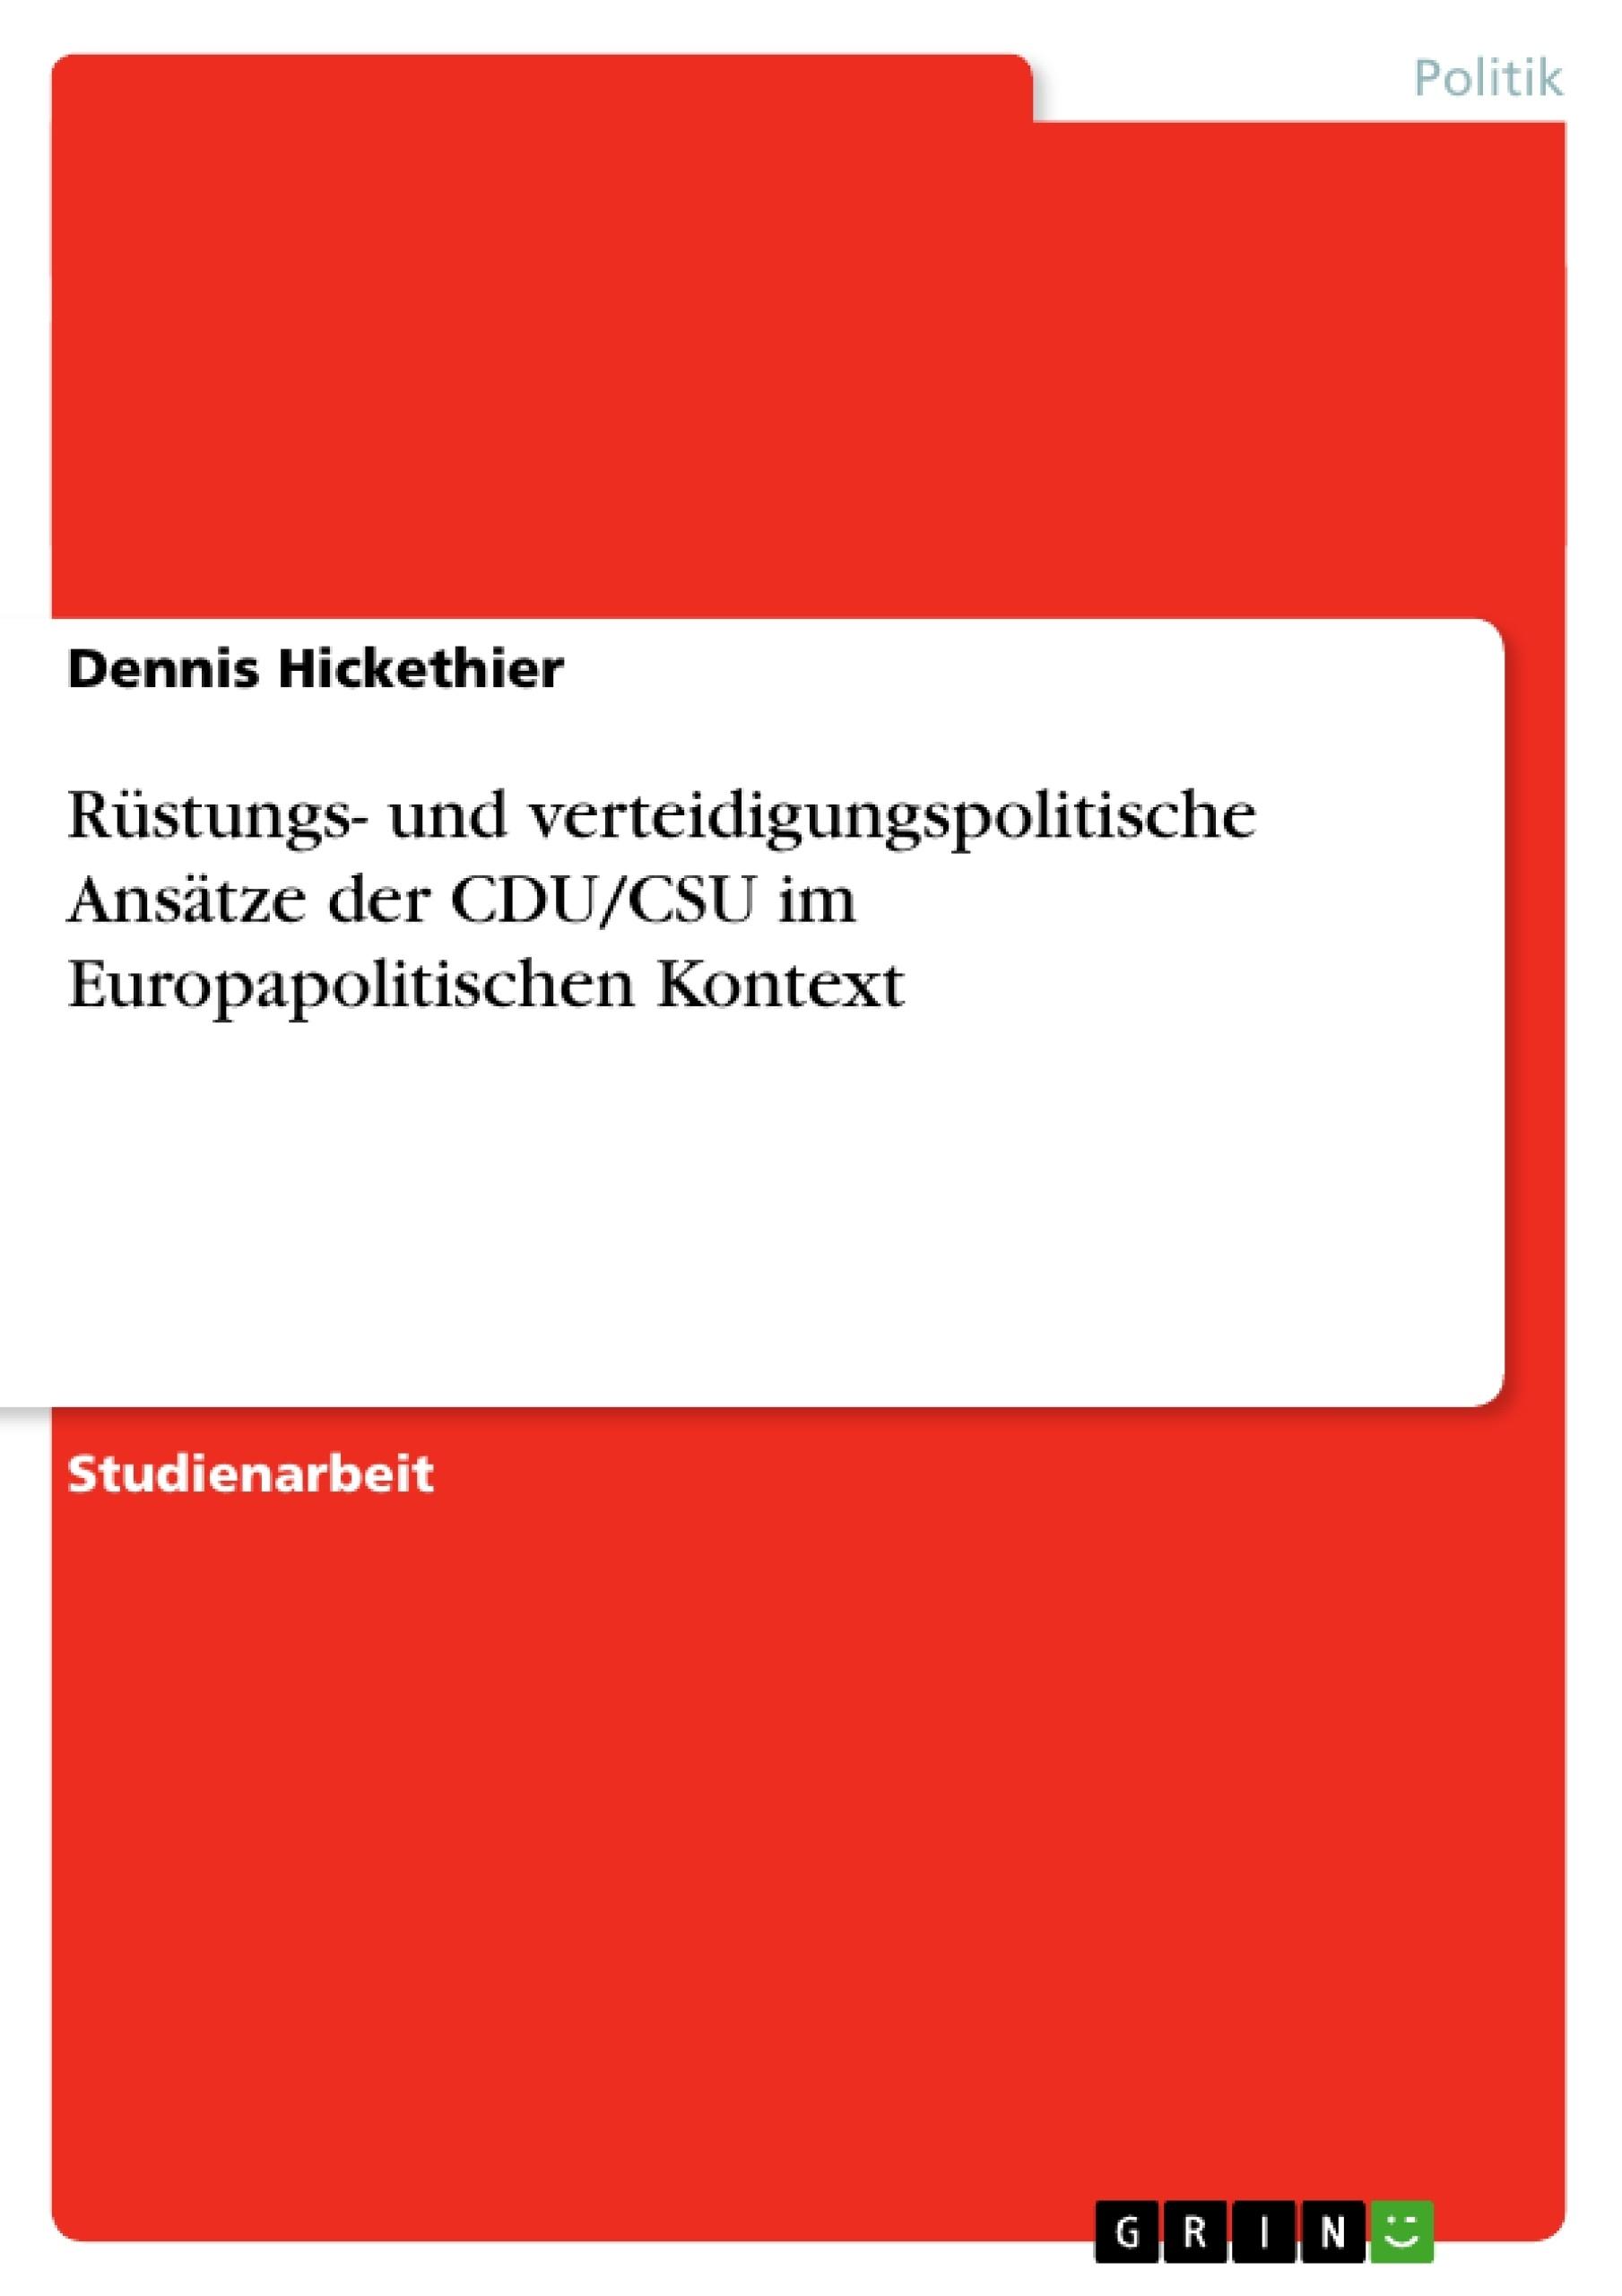 Titel: Rüstungs- und verteidigungspolitische Ansätze der CDU/CSU im Europapolitischen Kontext